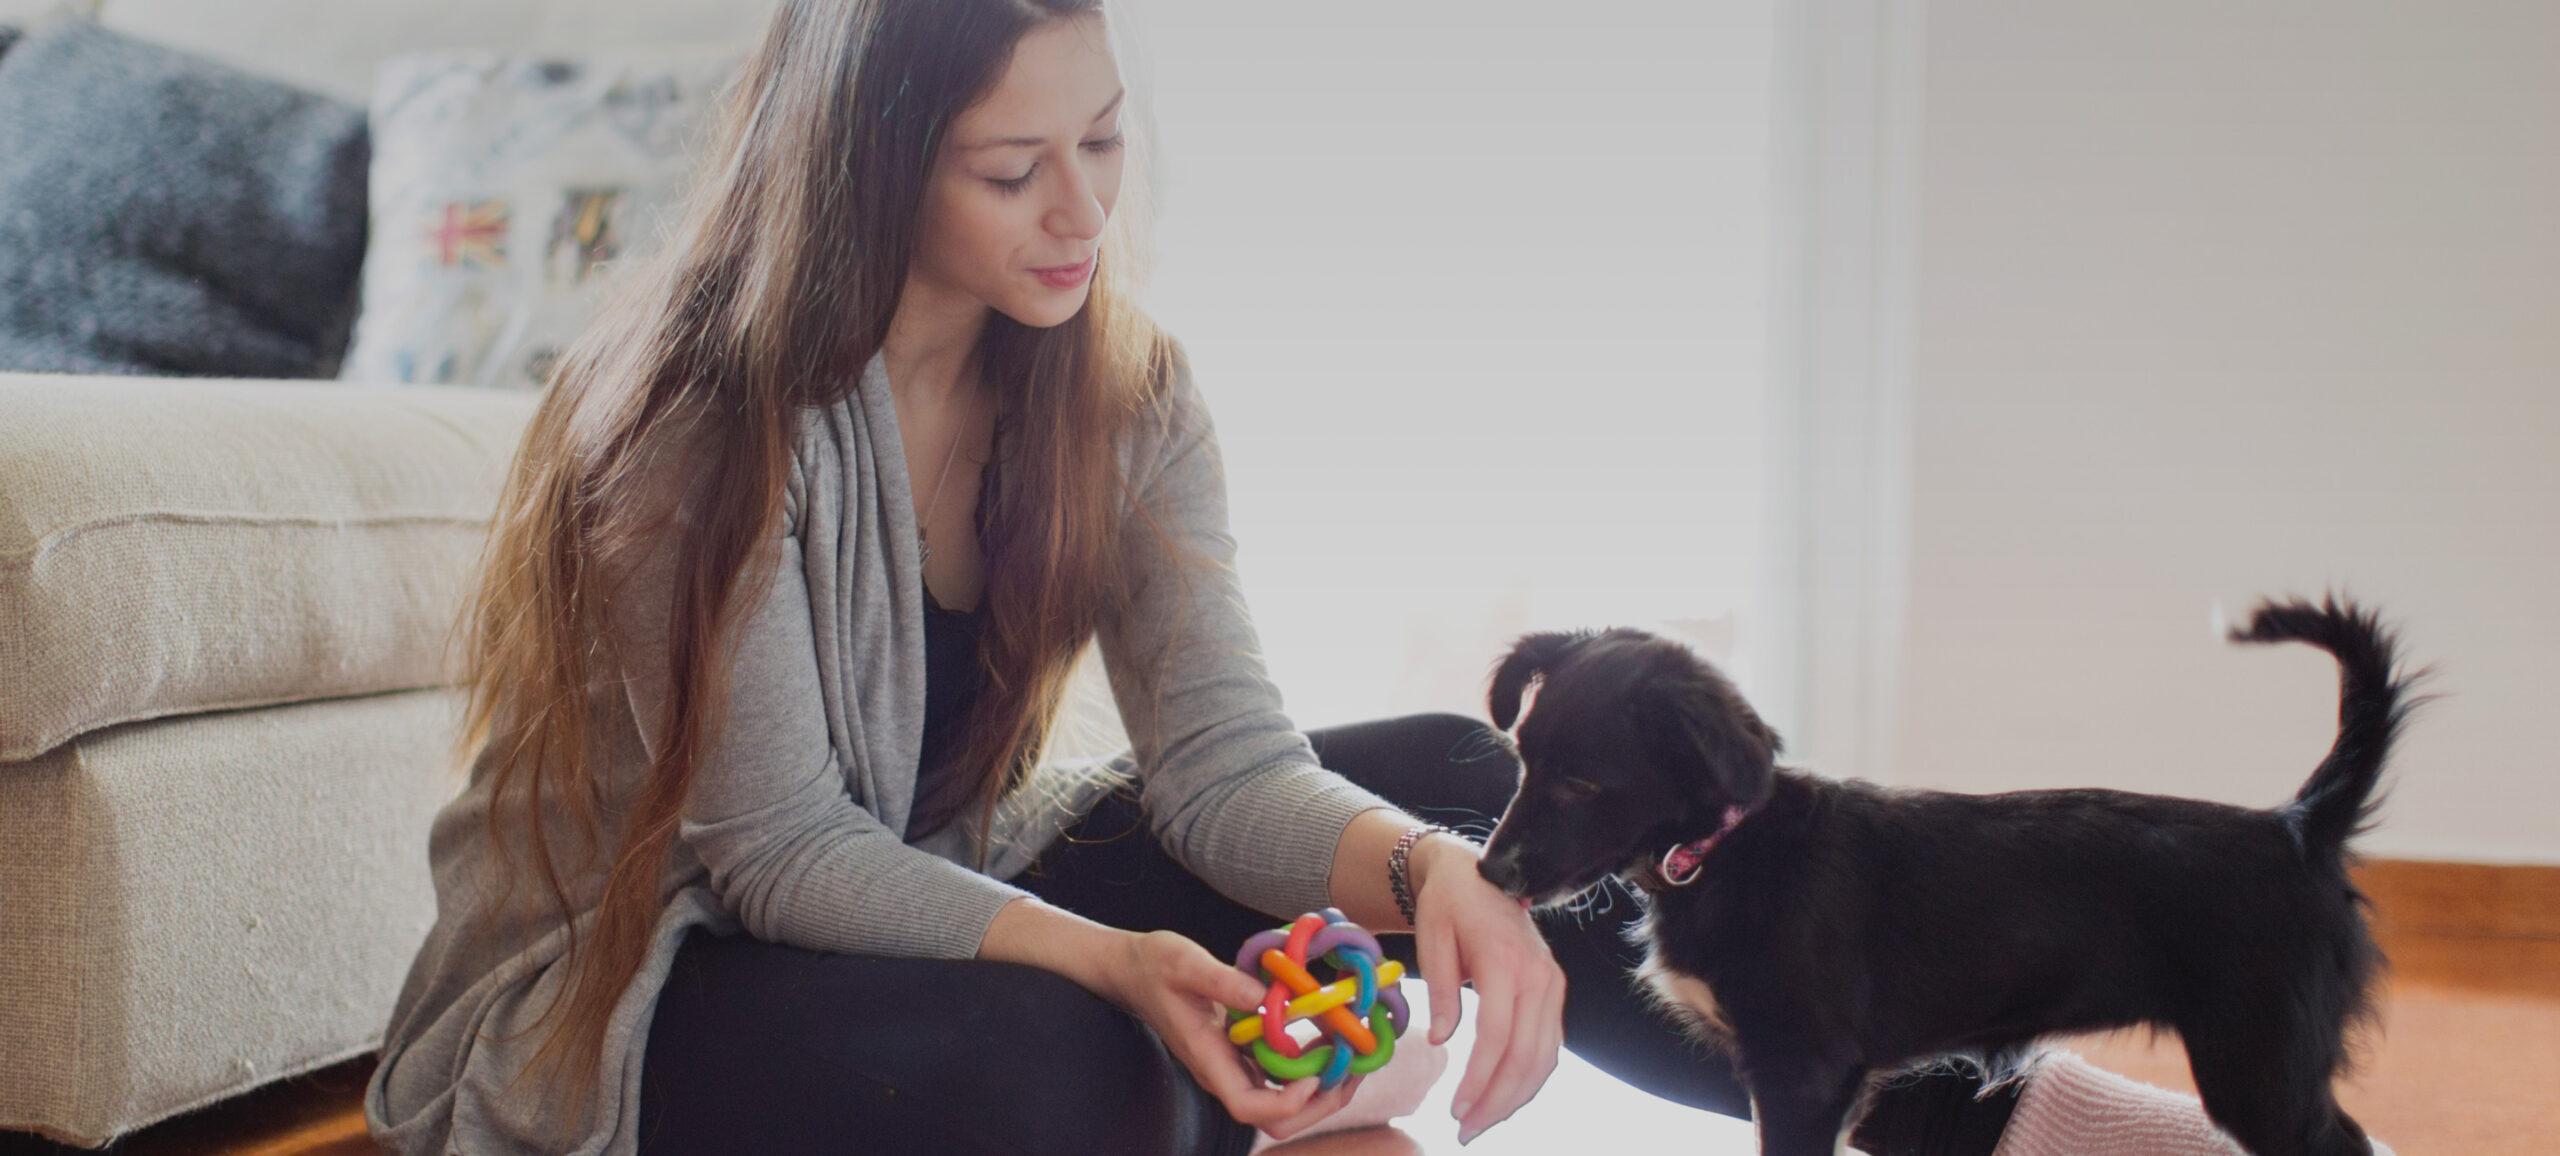 Frau spielt mit Hund in Wohnung